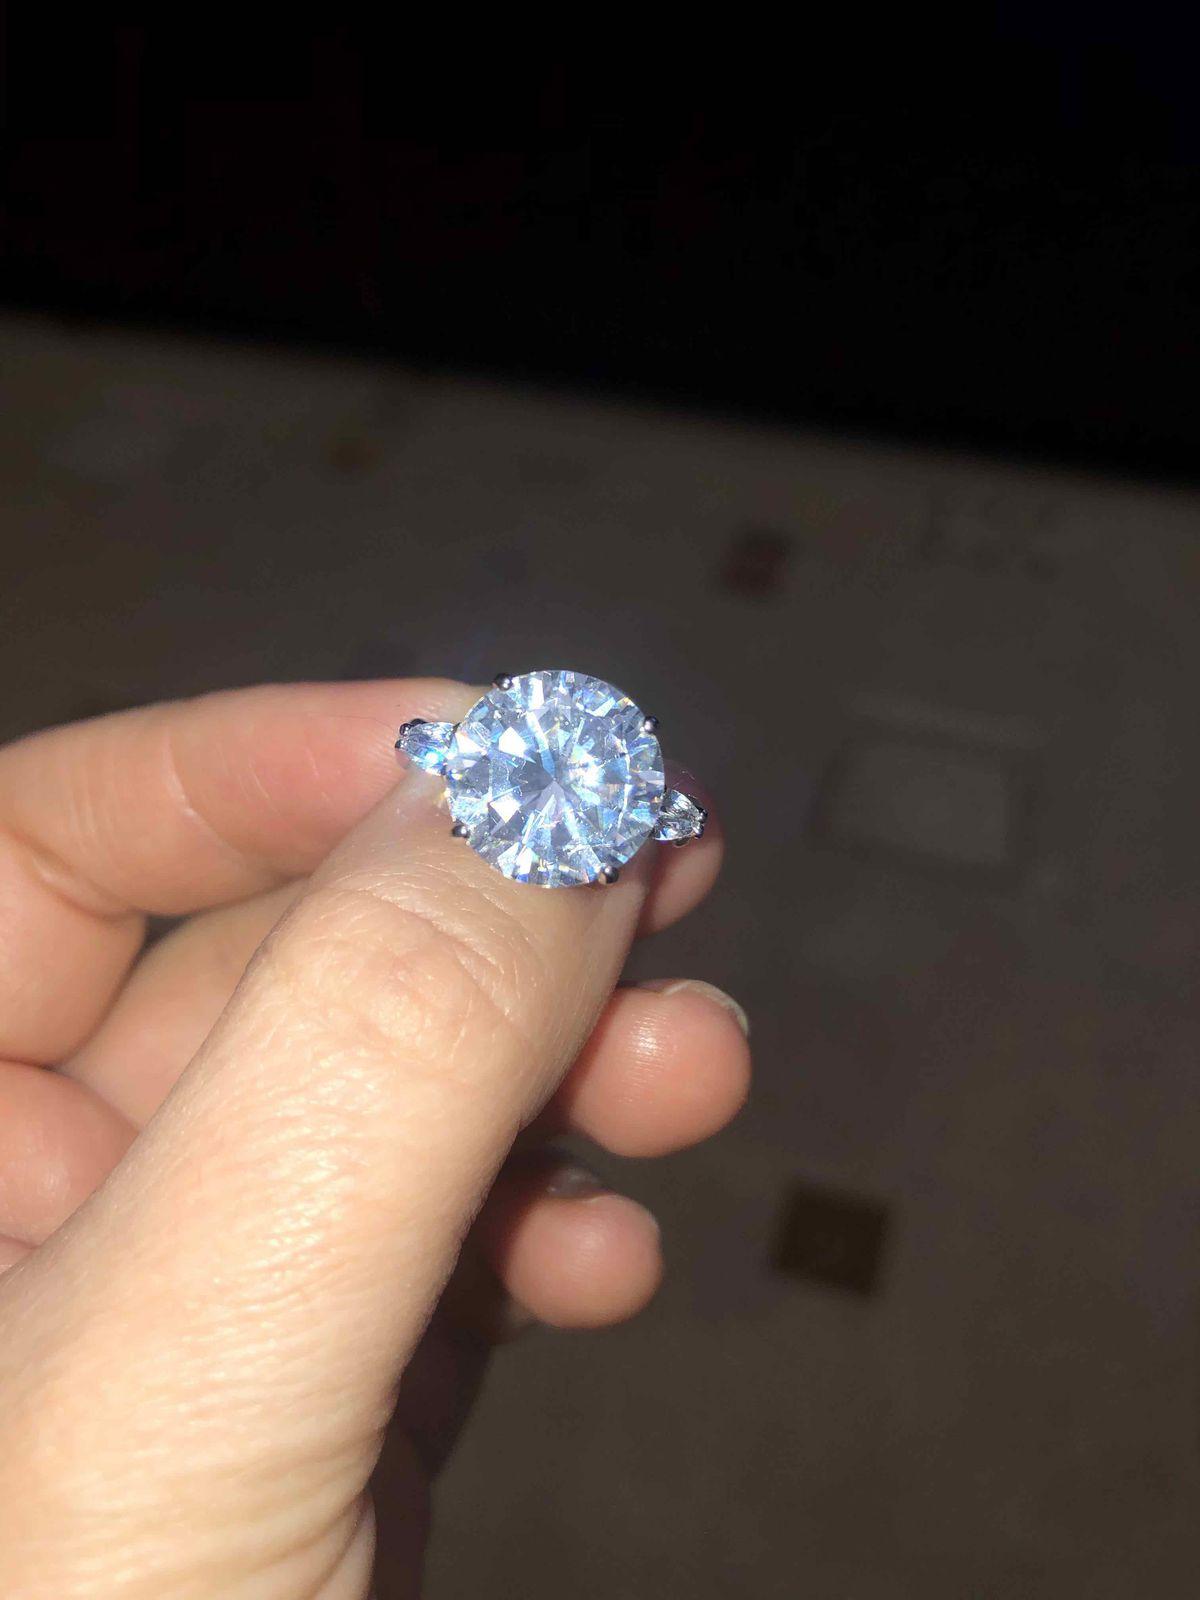 Самое яркое кольцо в магазине!